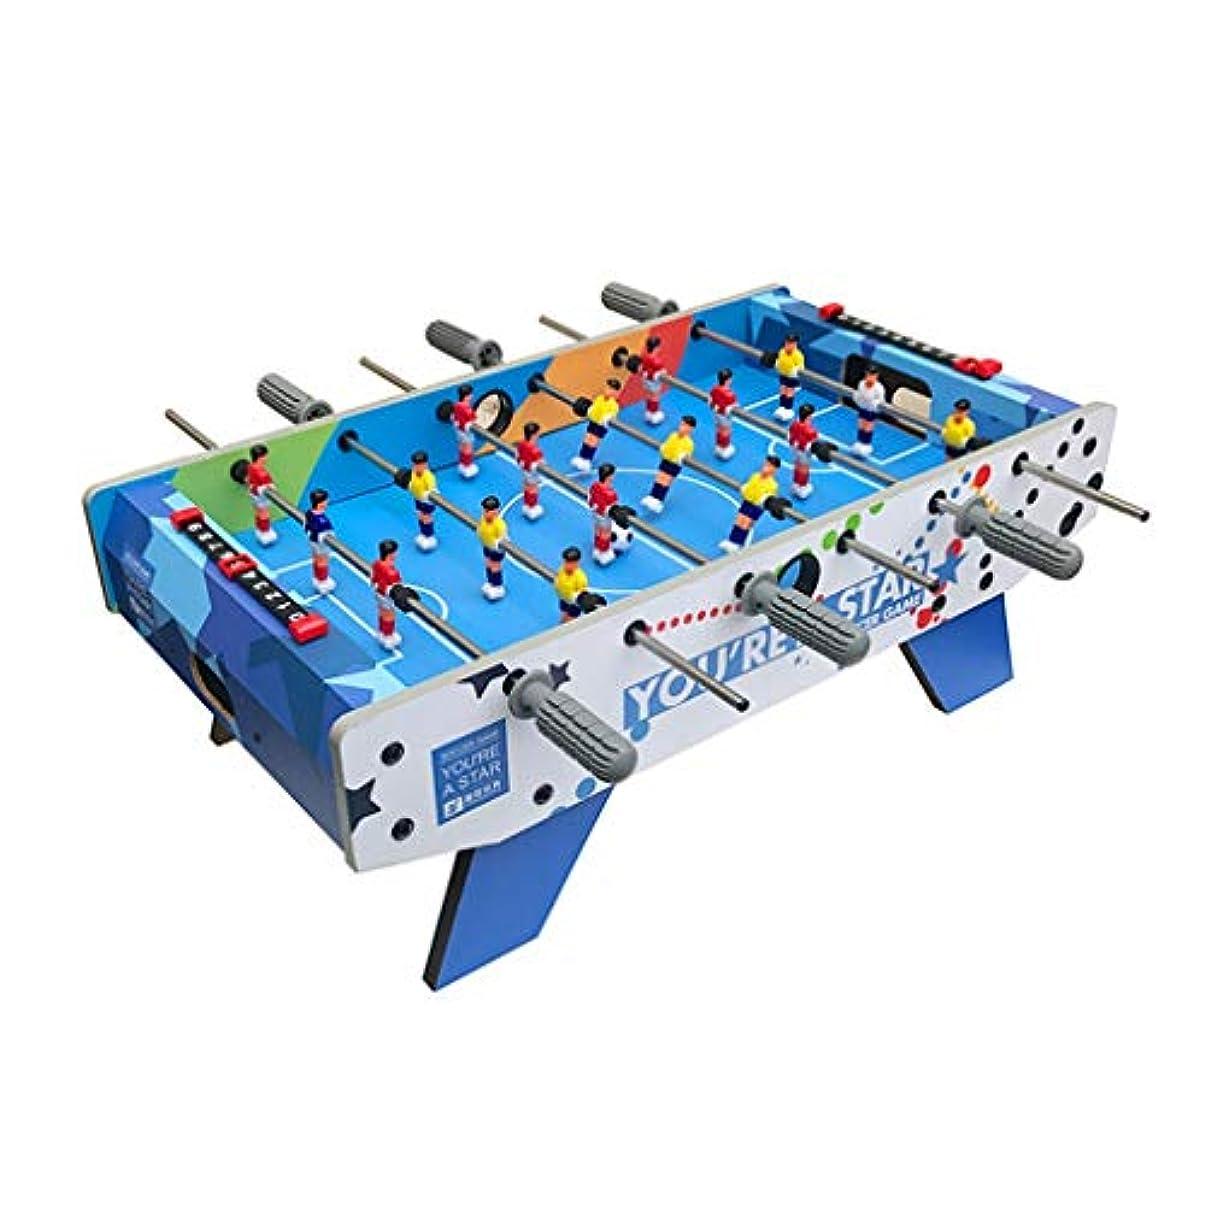 真似る金銭的動作子供のパズルゲームテーブル親子インタラクティブビリヤードおもちゃポータブル屋外のおもちゃテーブルサッカーのおもちゃ男の子のスポーツのおもちゃ子供の最高の贈り物 (Color : BLUE, Size : 36.5*69.5*24CM)